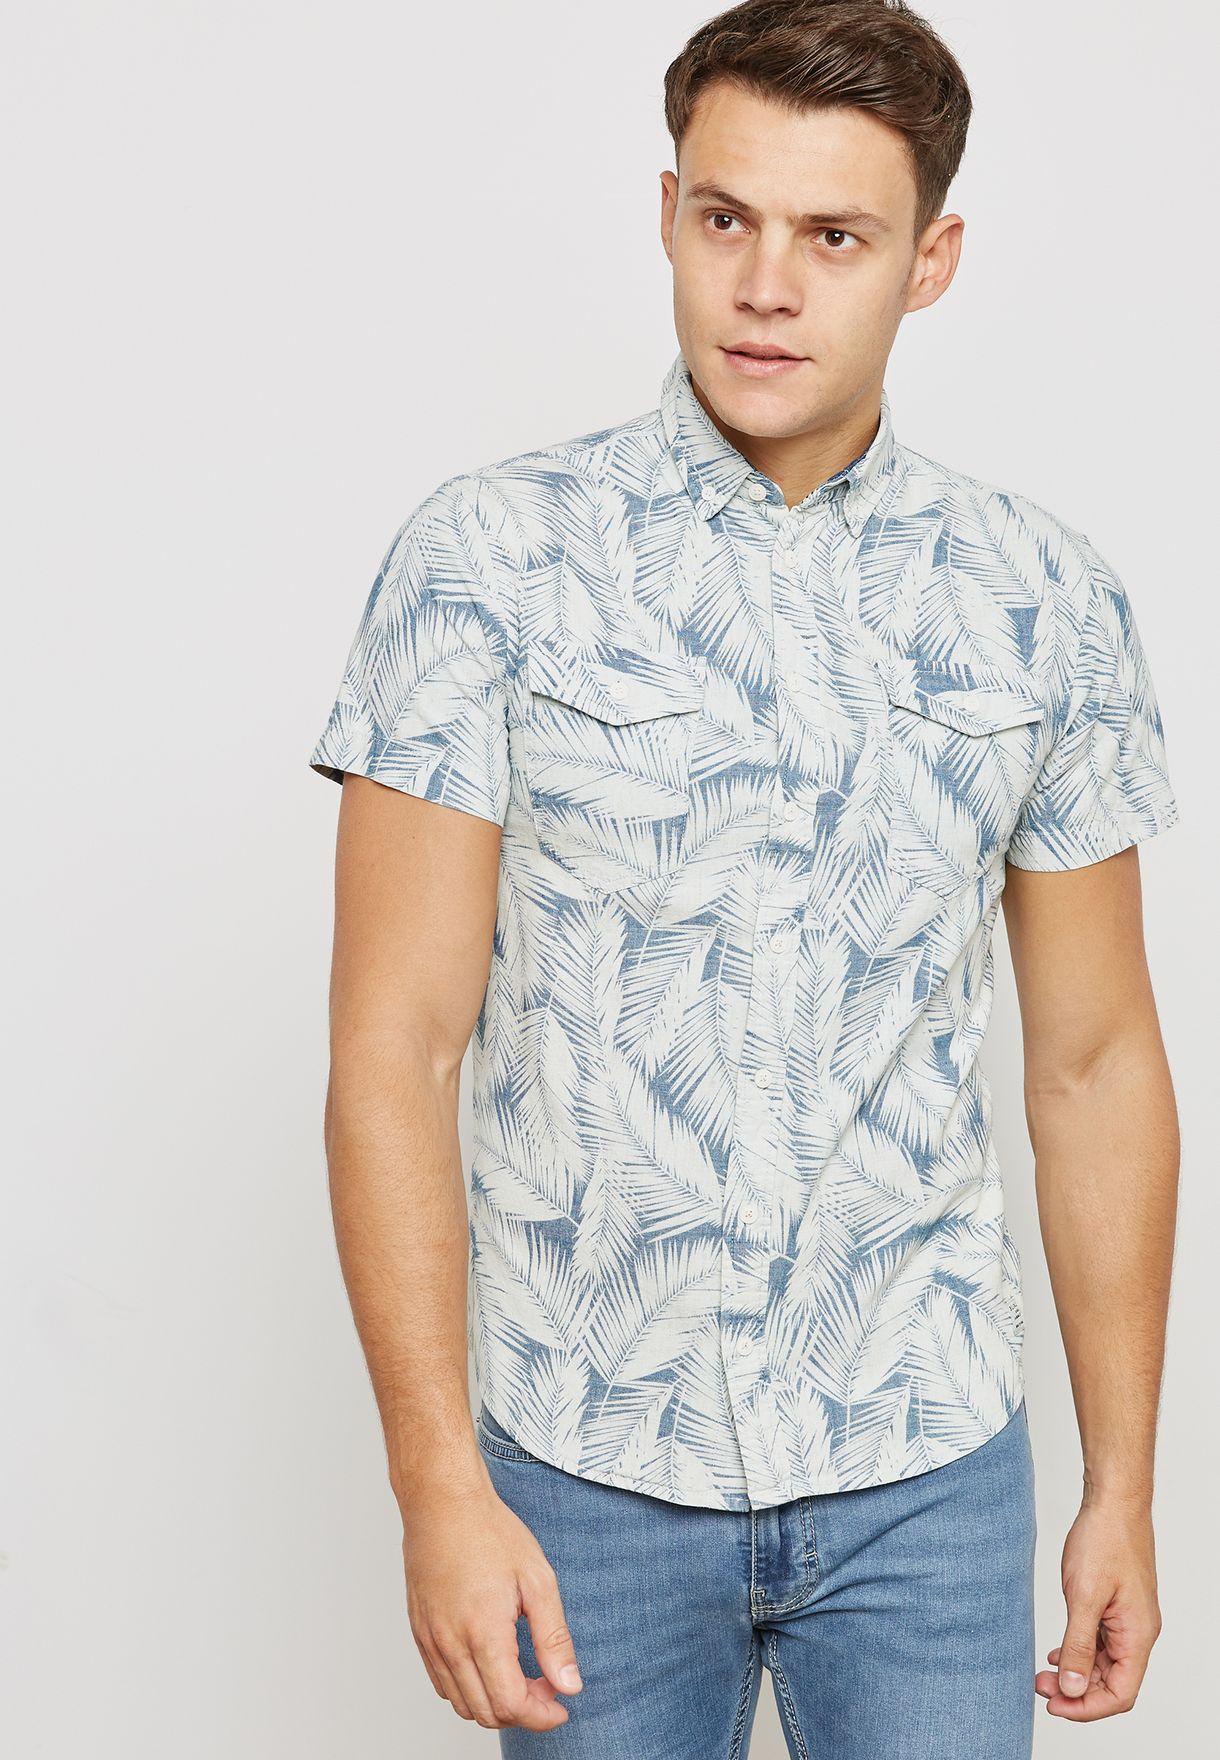 AOP Shirt